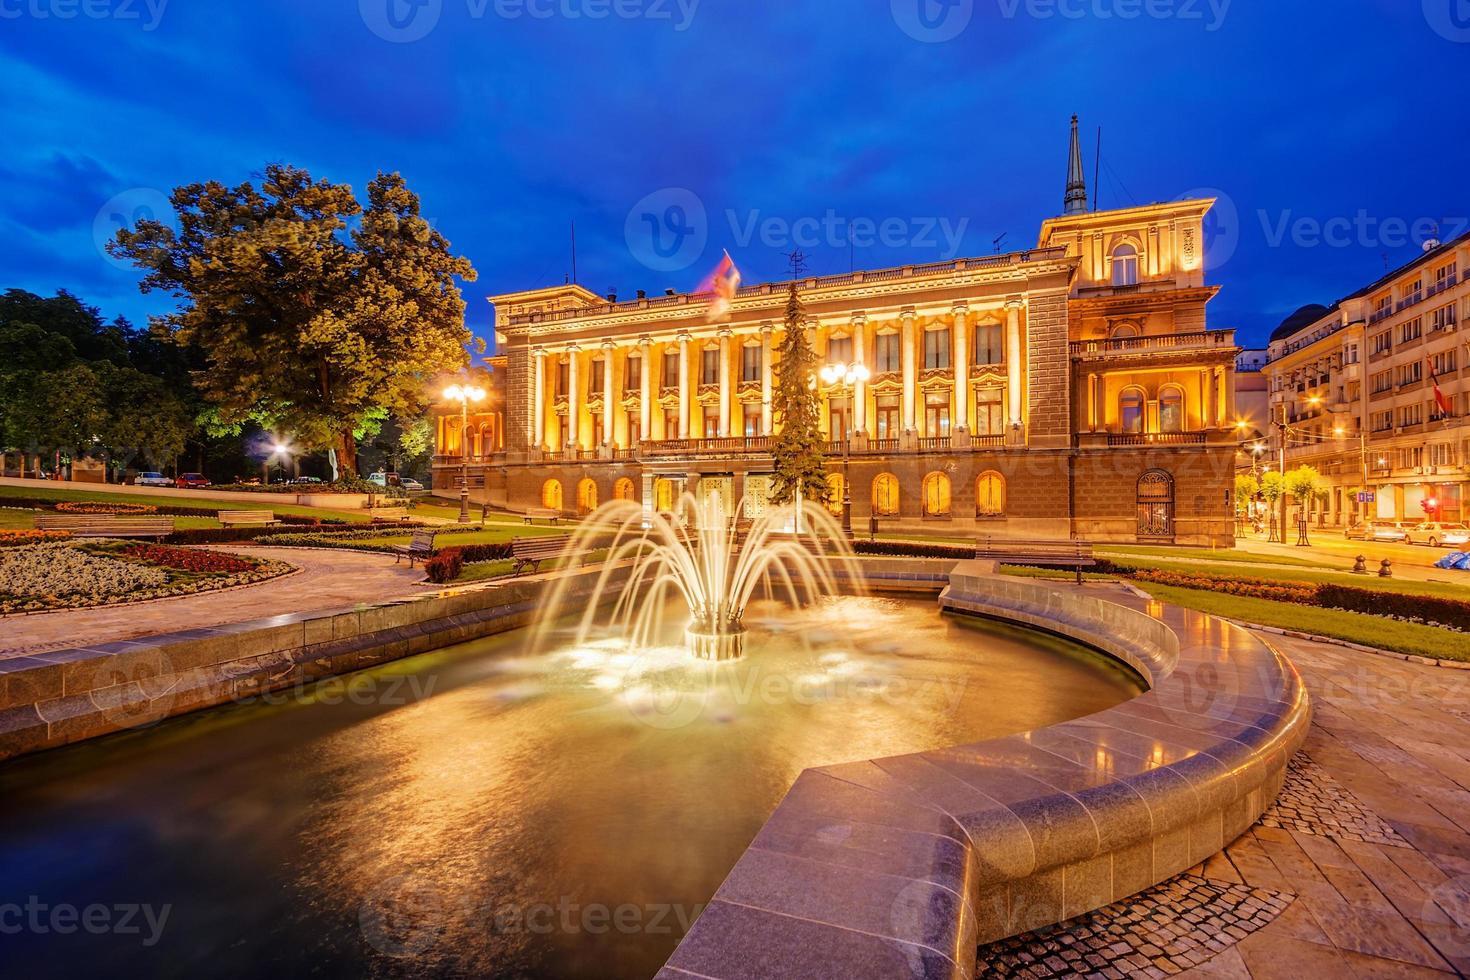 edificio classico foto